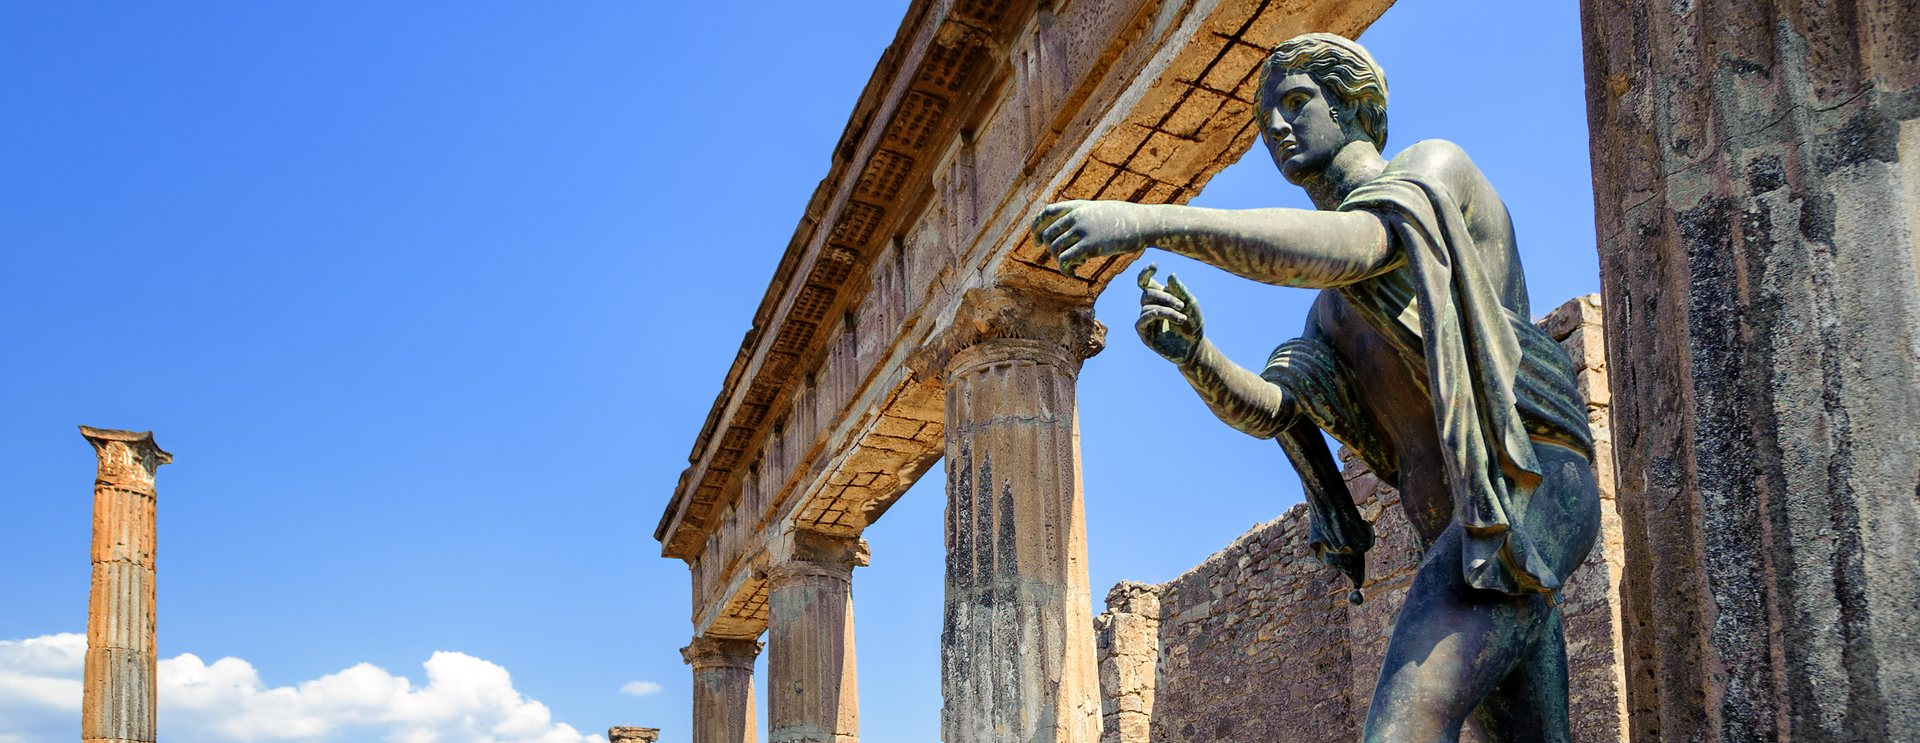 Pompeii Image 1